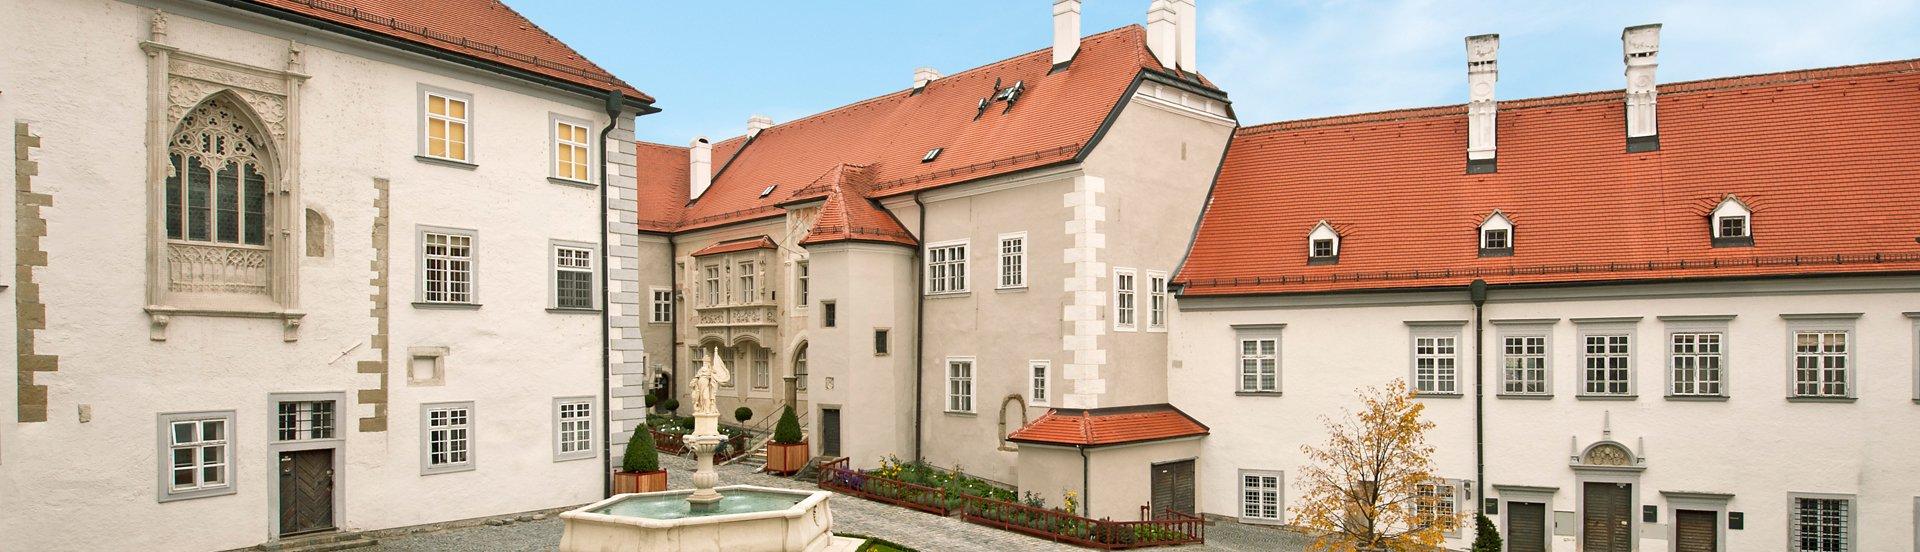 Leopoldihof im Stft Klosterneuburg